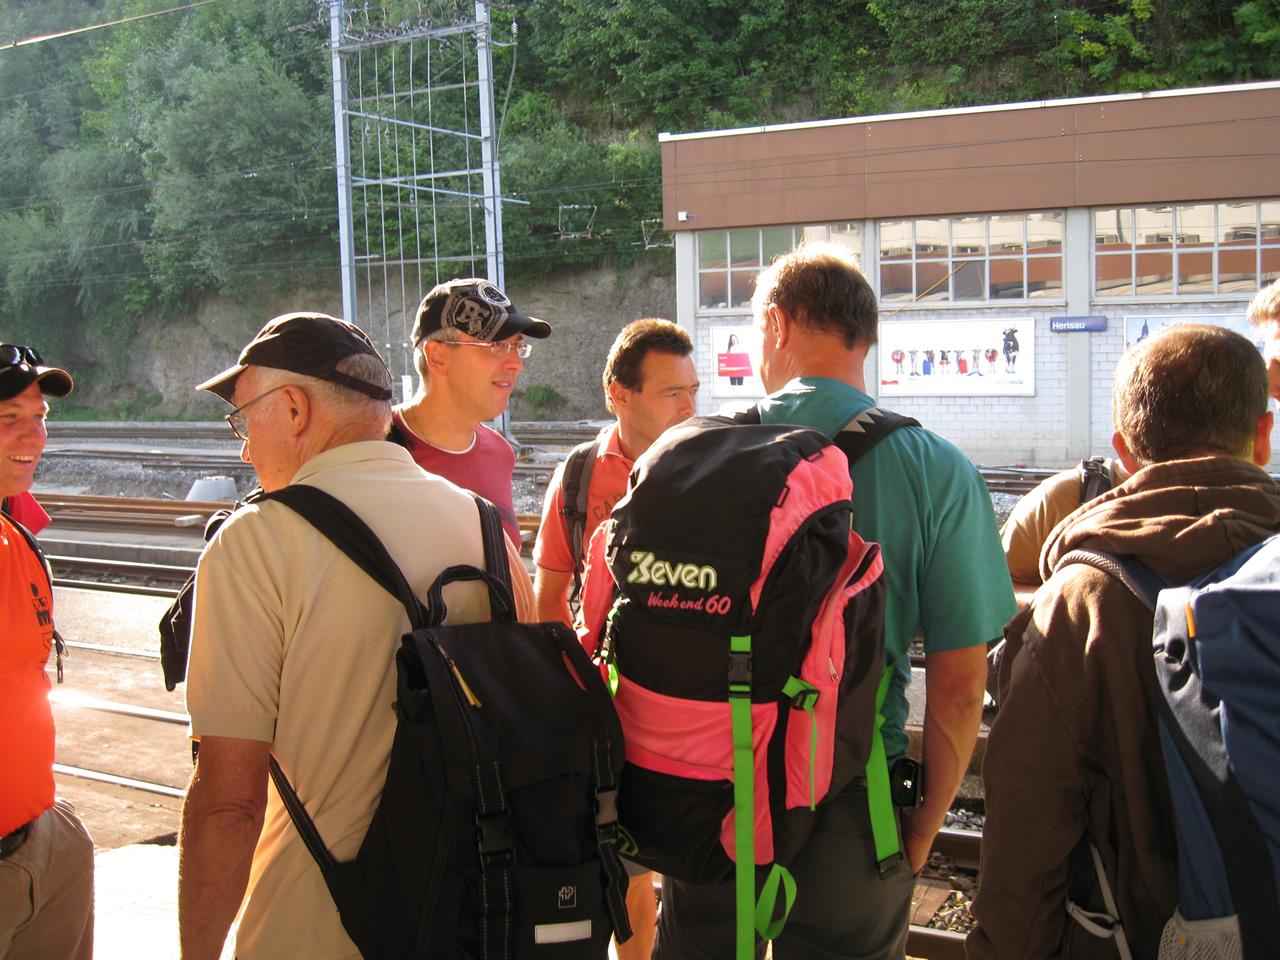 2013-08-31-sf-vereinsreise-appenzell-006